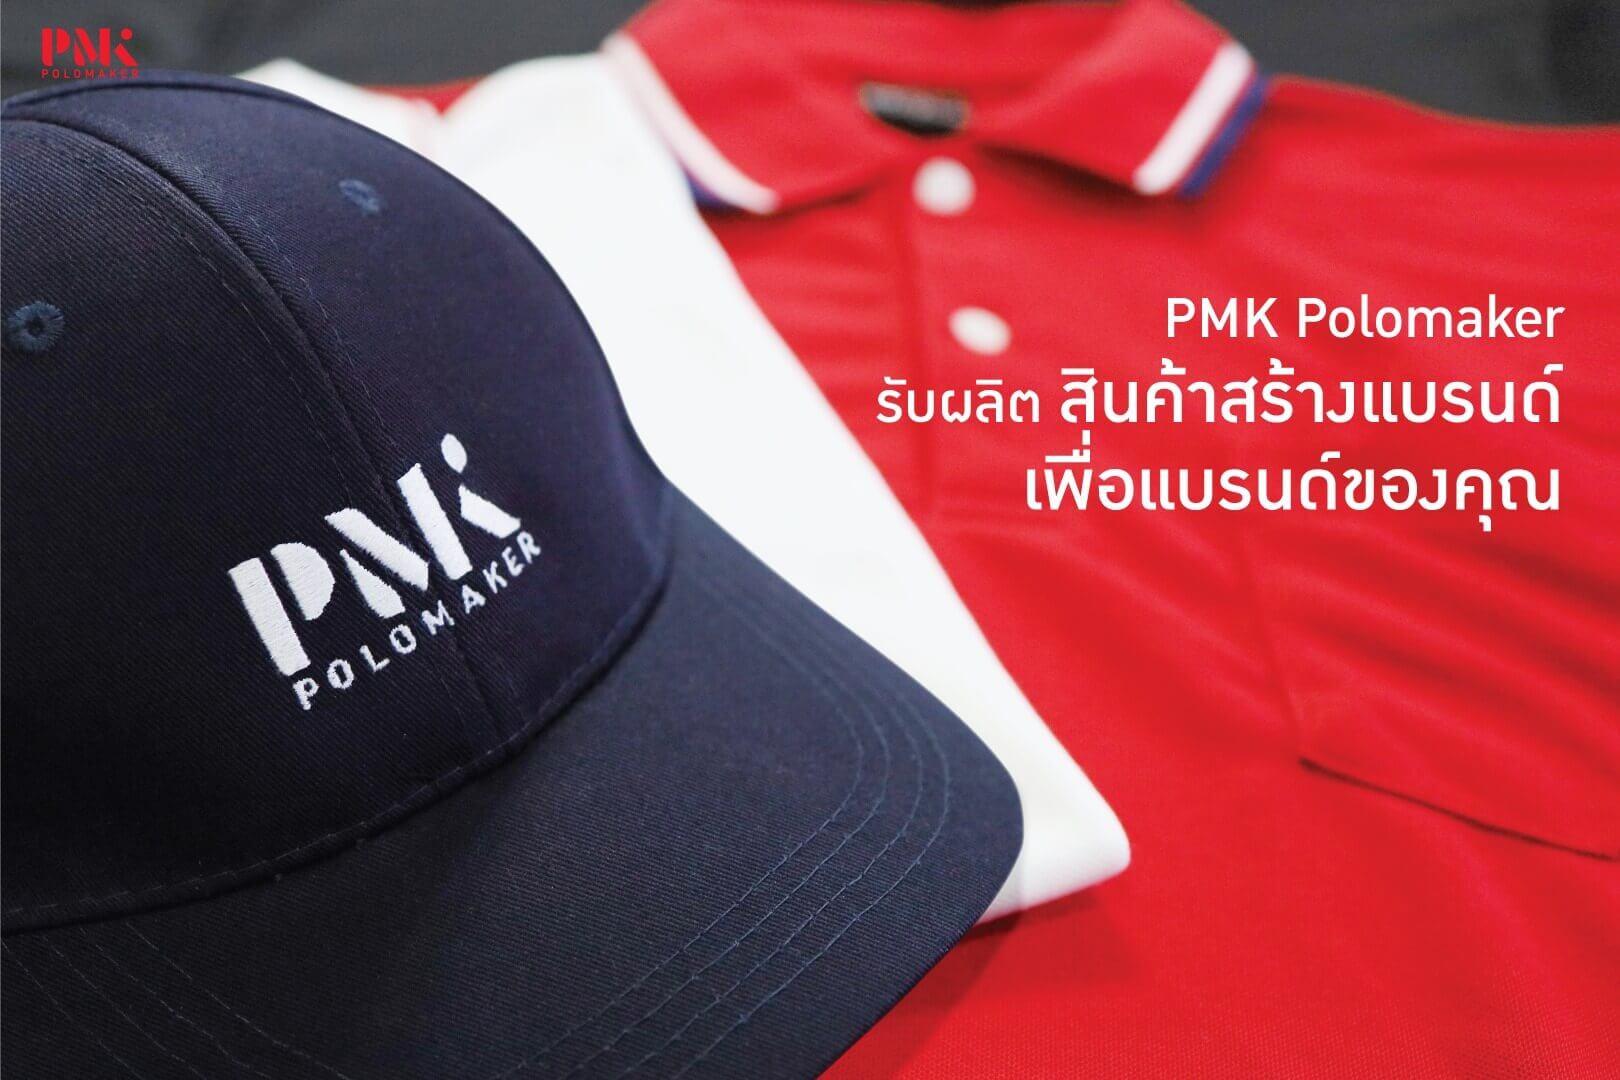 PMK Polomaker โรงงานผลิตเสื้อ - รับผลิตถุงผ้าลดโลกร้อน